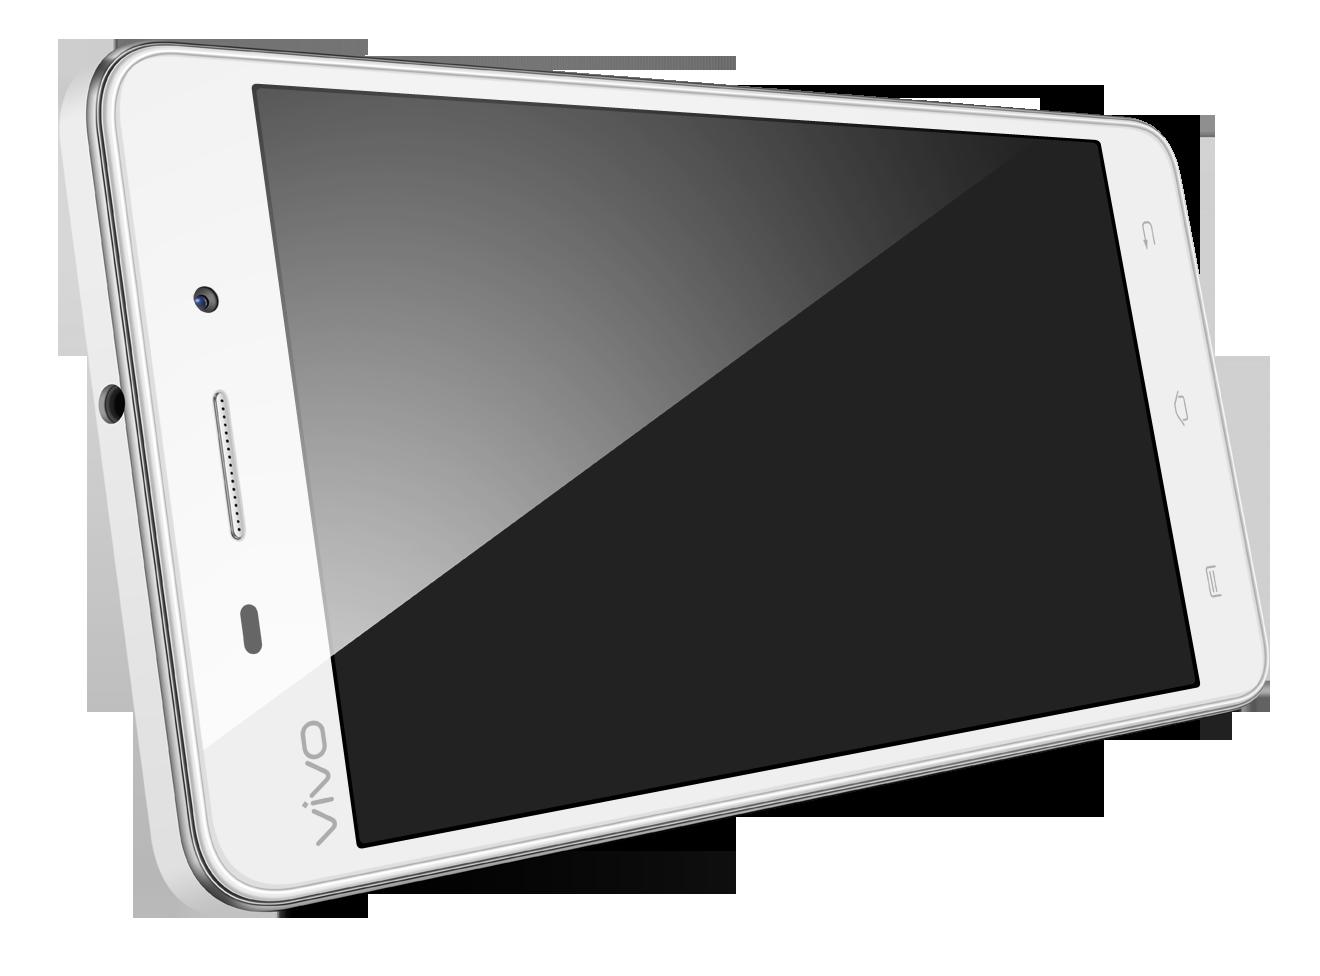 vivoy37 移动4g手机 白色手机产品图片2素材-it168